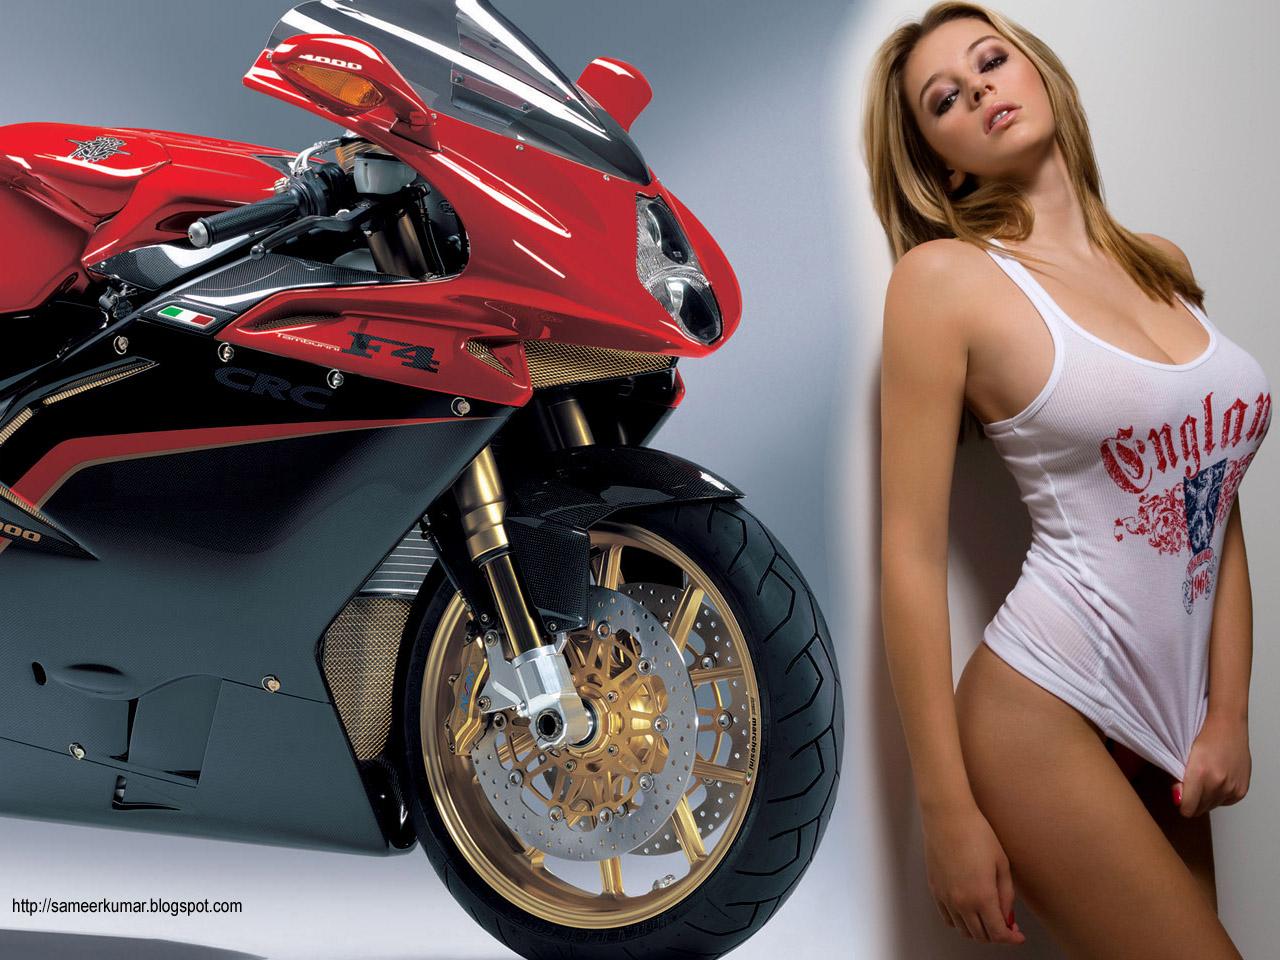 Красный байк и красивая девушка